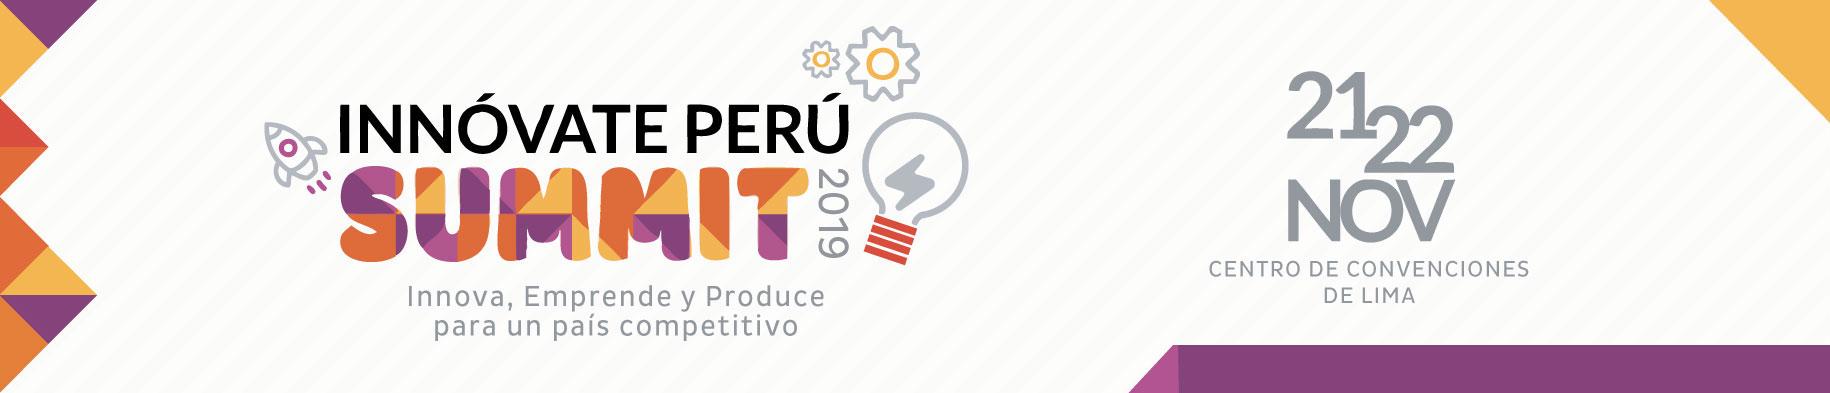 Innovate Peru Summit